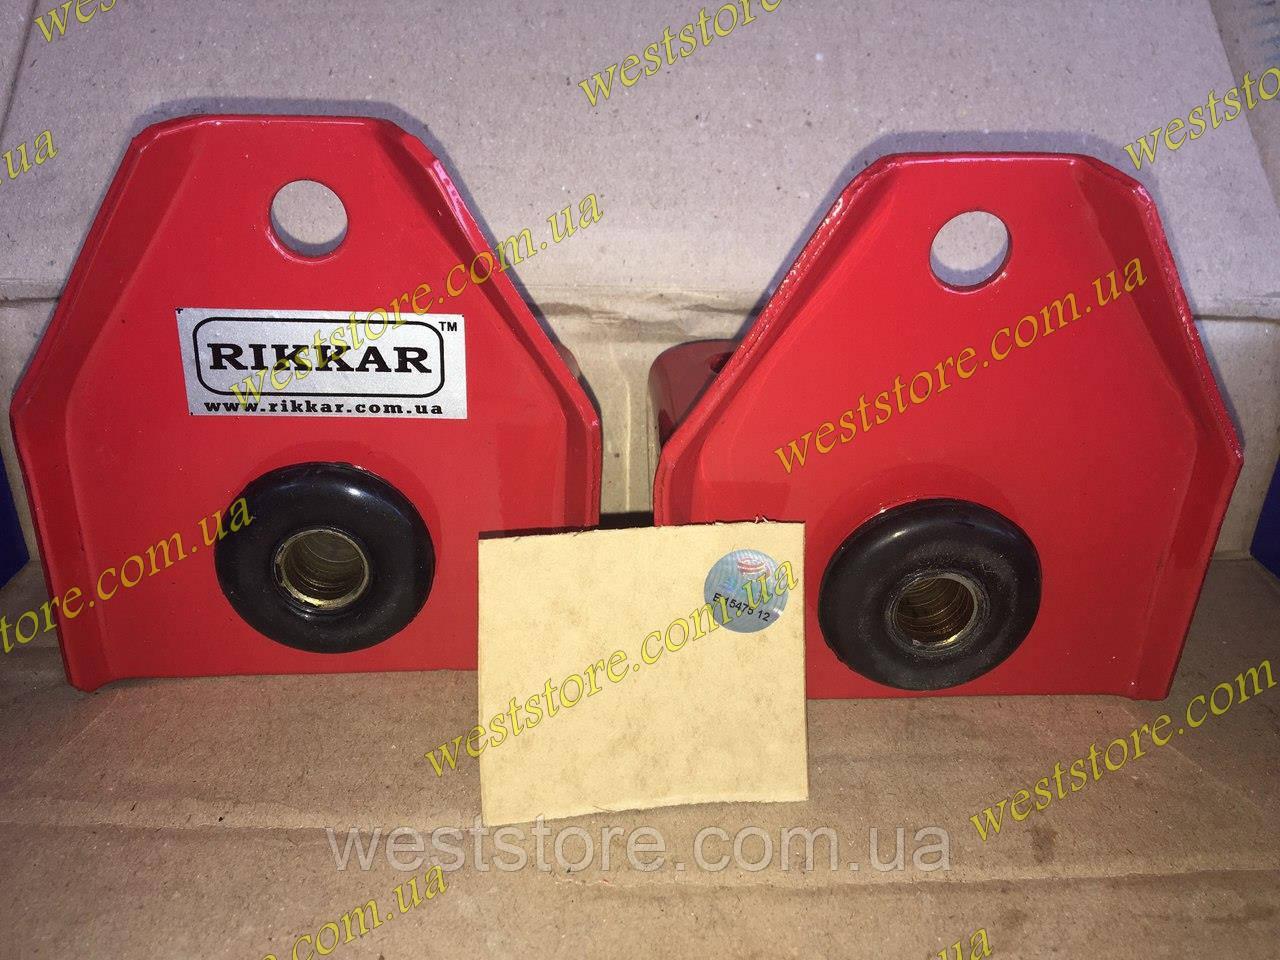 Краби заз 1102 1103 таврія славута модернизированнные тюнінг RIKKAR сайлентблок АвтоЗАЗ